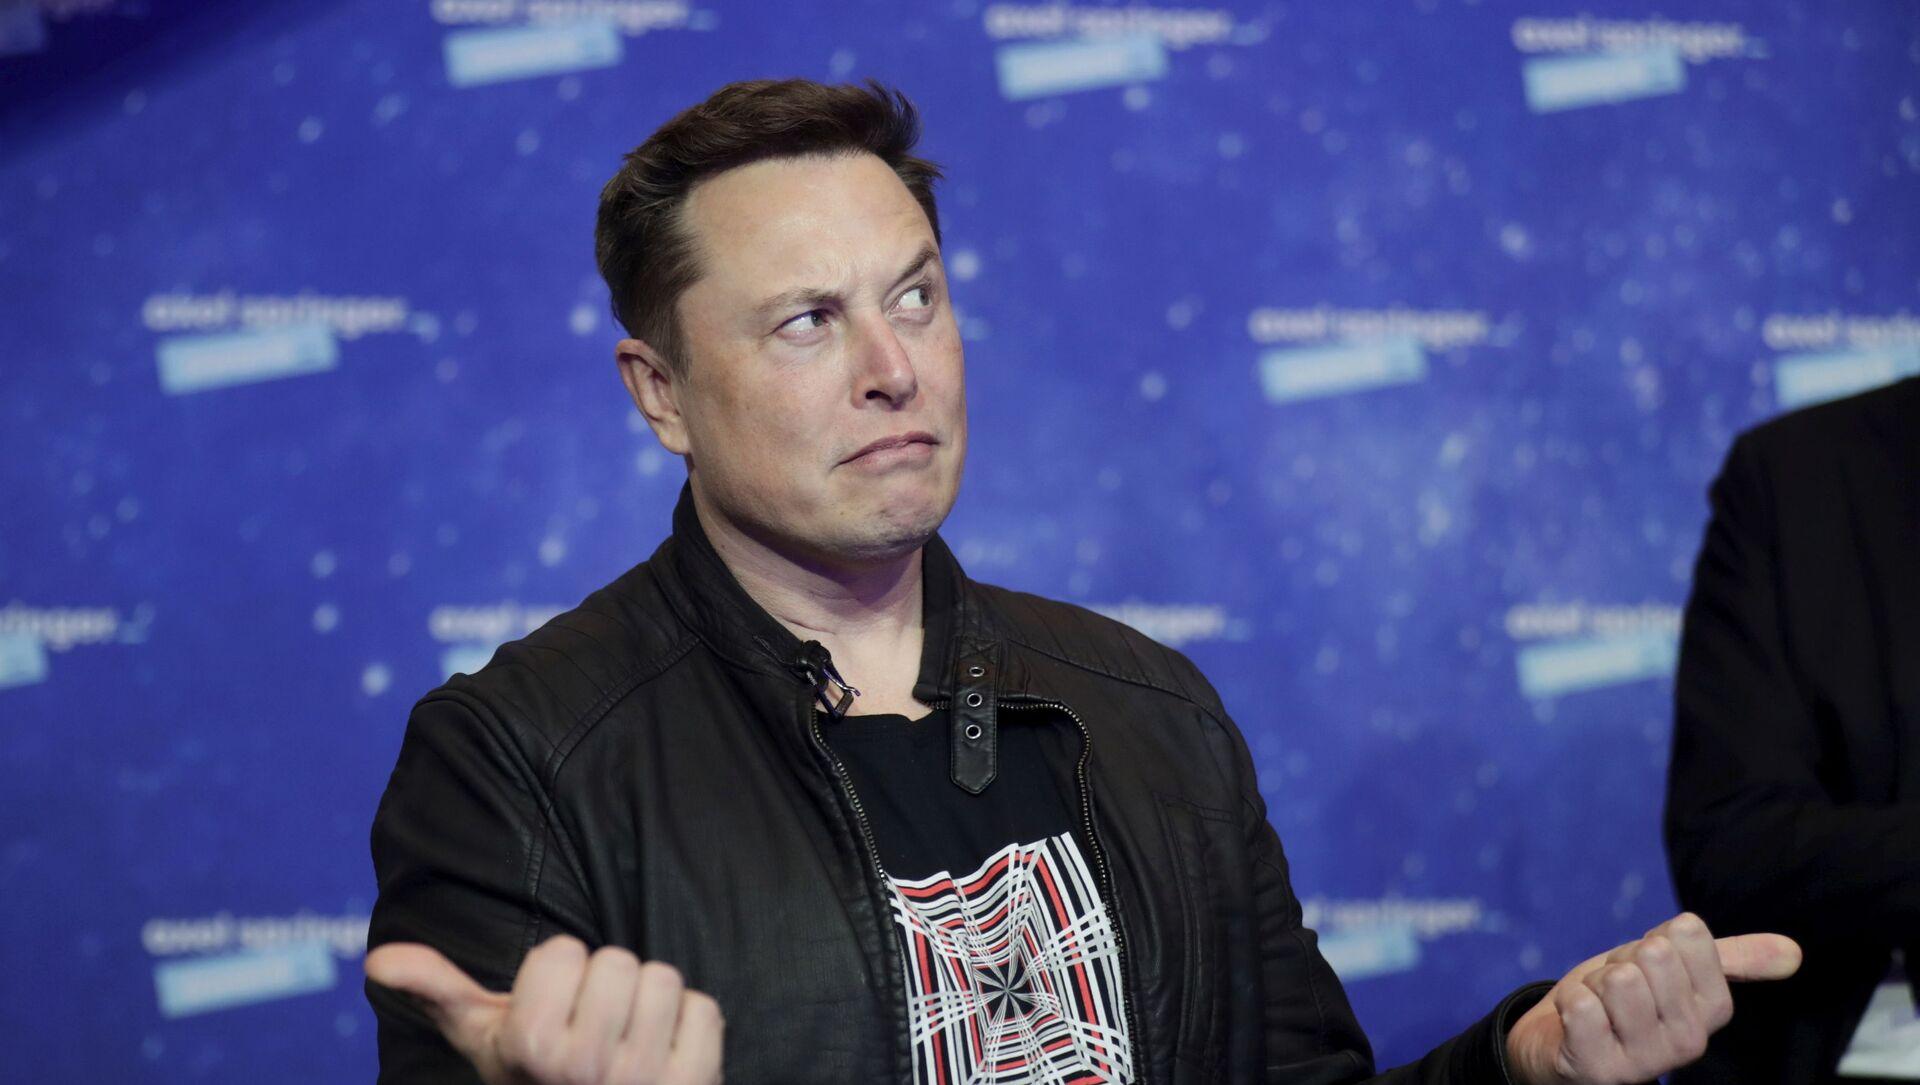 Majitel SpaceX a generální ředitel společnosti Tesla Elon Musk - Sputnik Česká republika, 1920, 05.04.2021